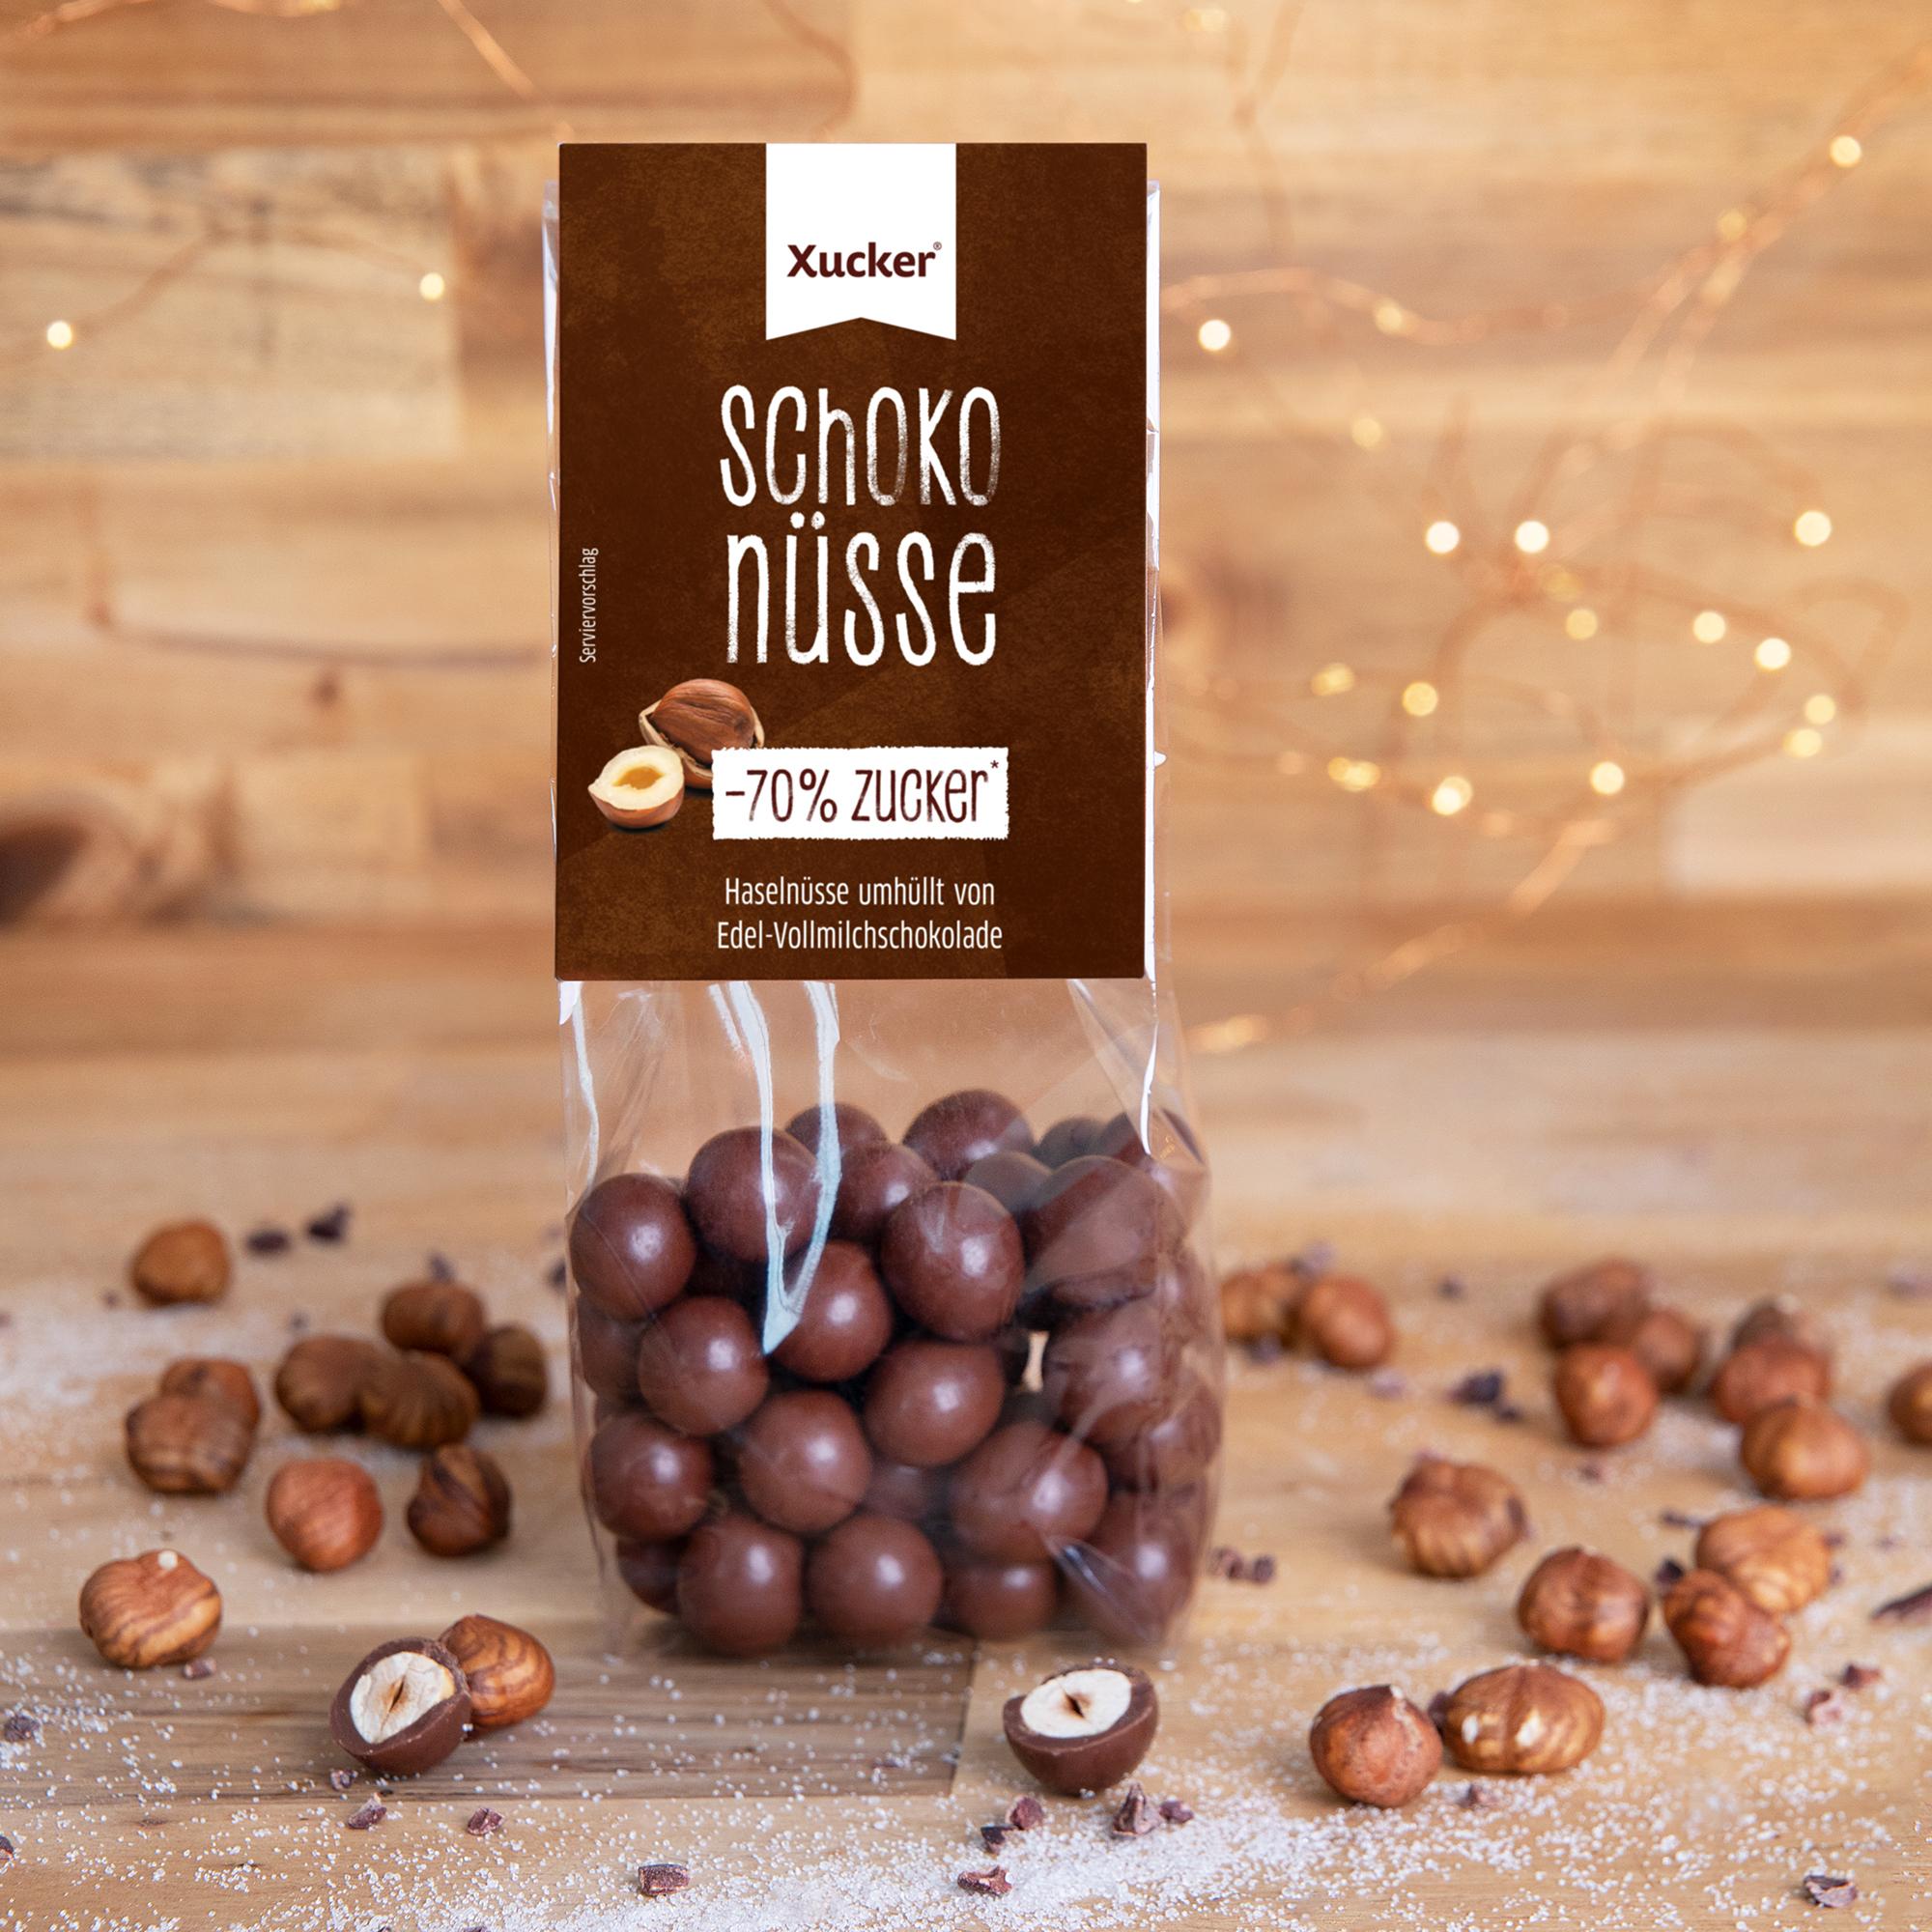 SHOP: Xucker Schoko-Nüsse